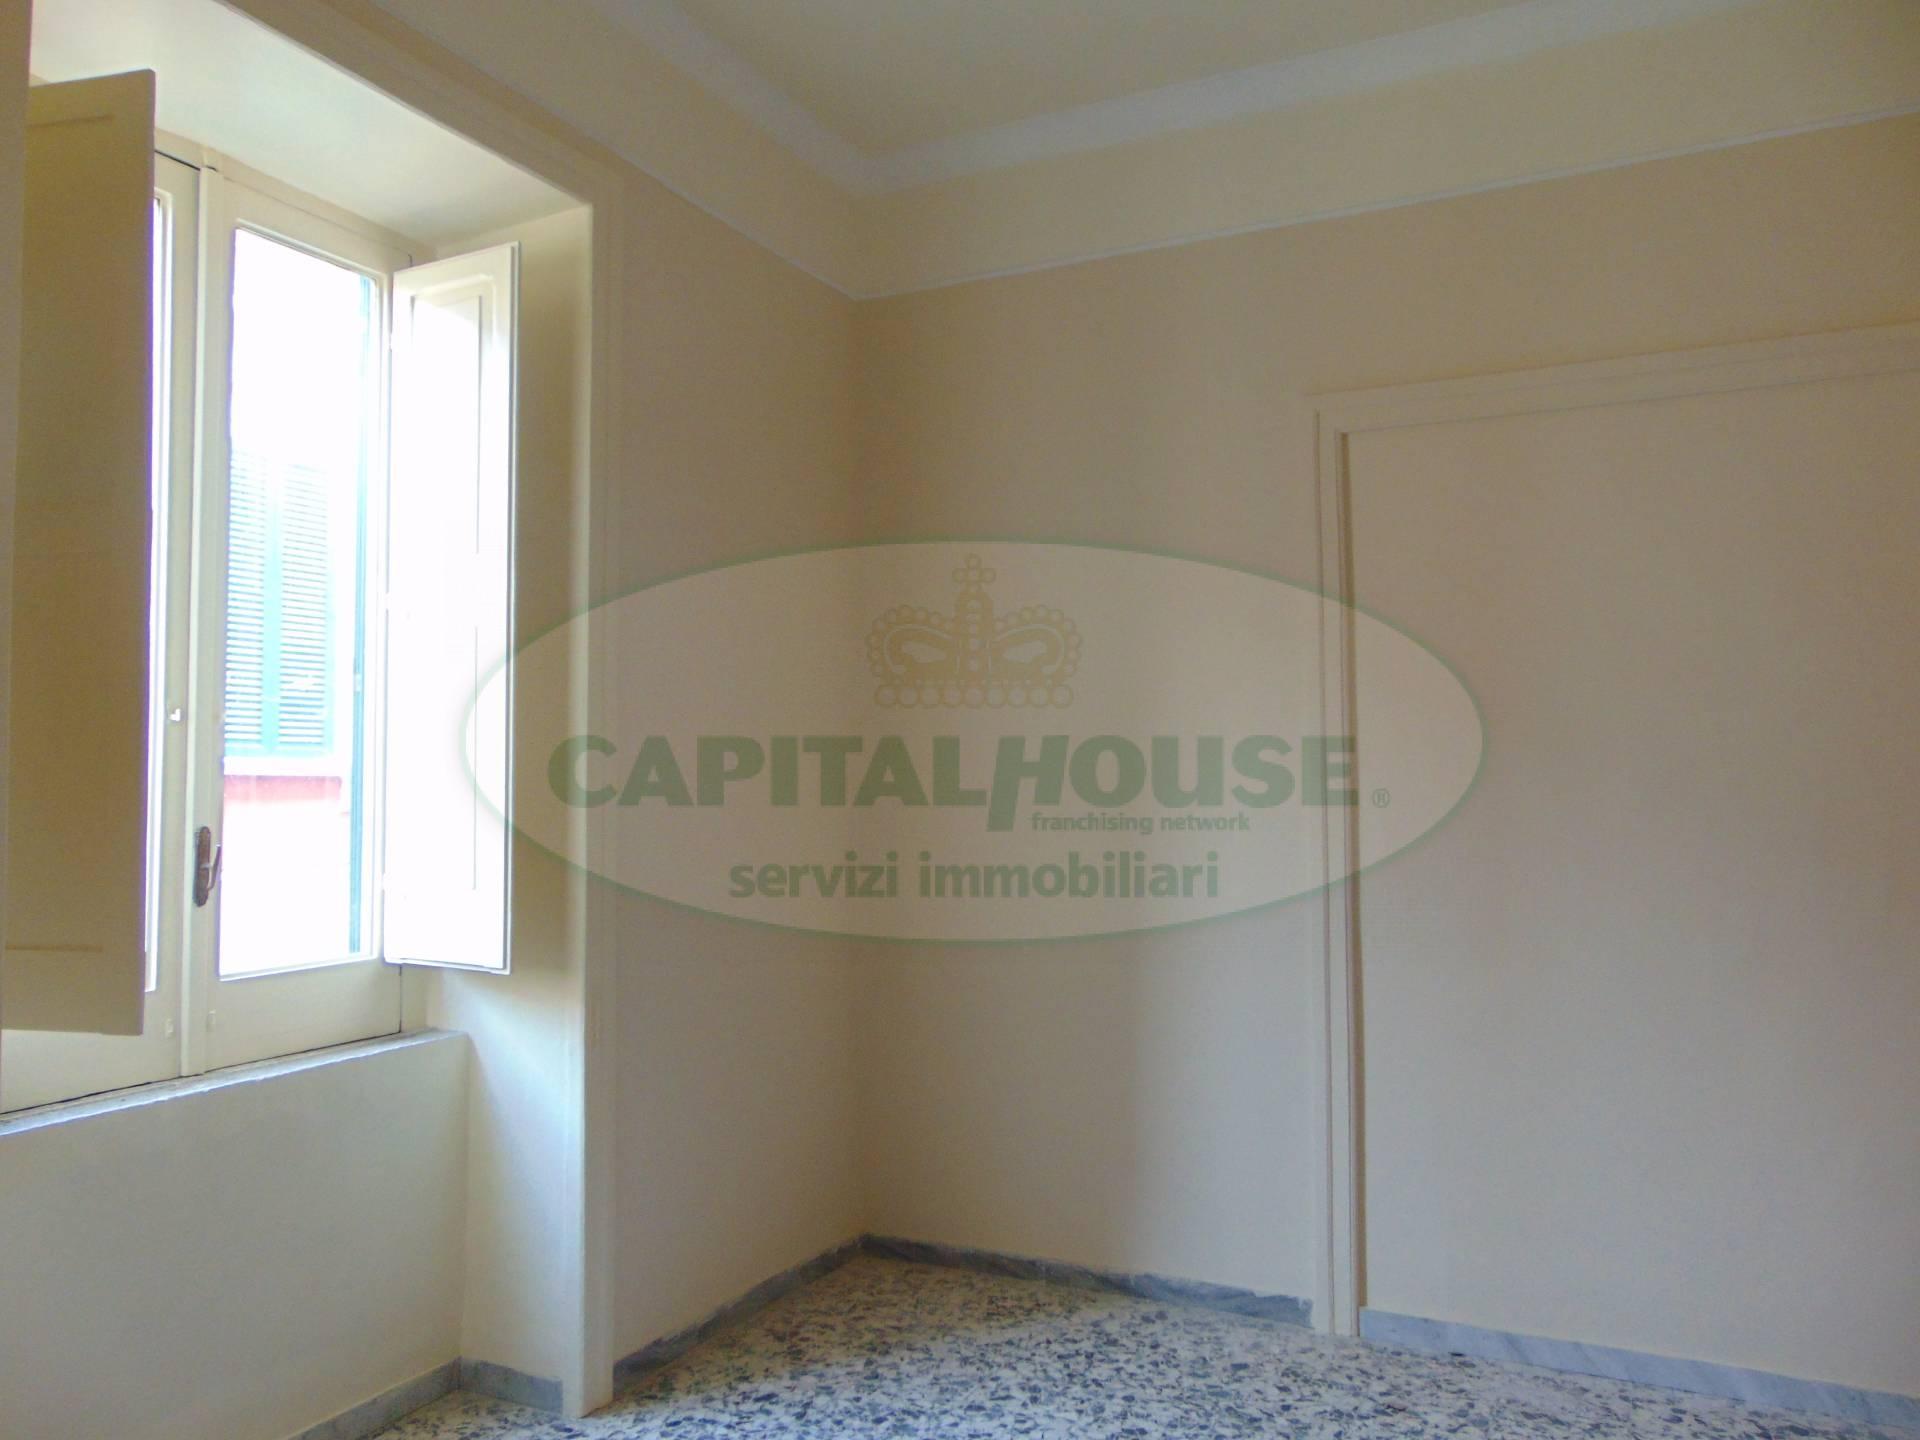 Soluzione Indipendente in affitto a Curti, 5 locali, prezzo € 700 | CambioCasa.it